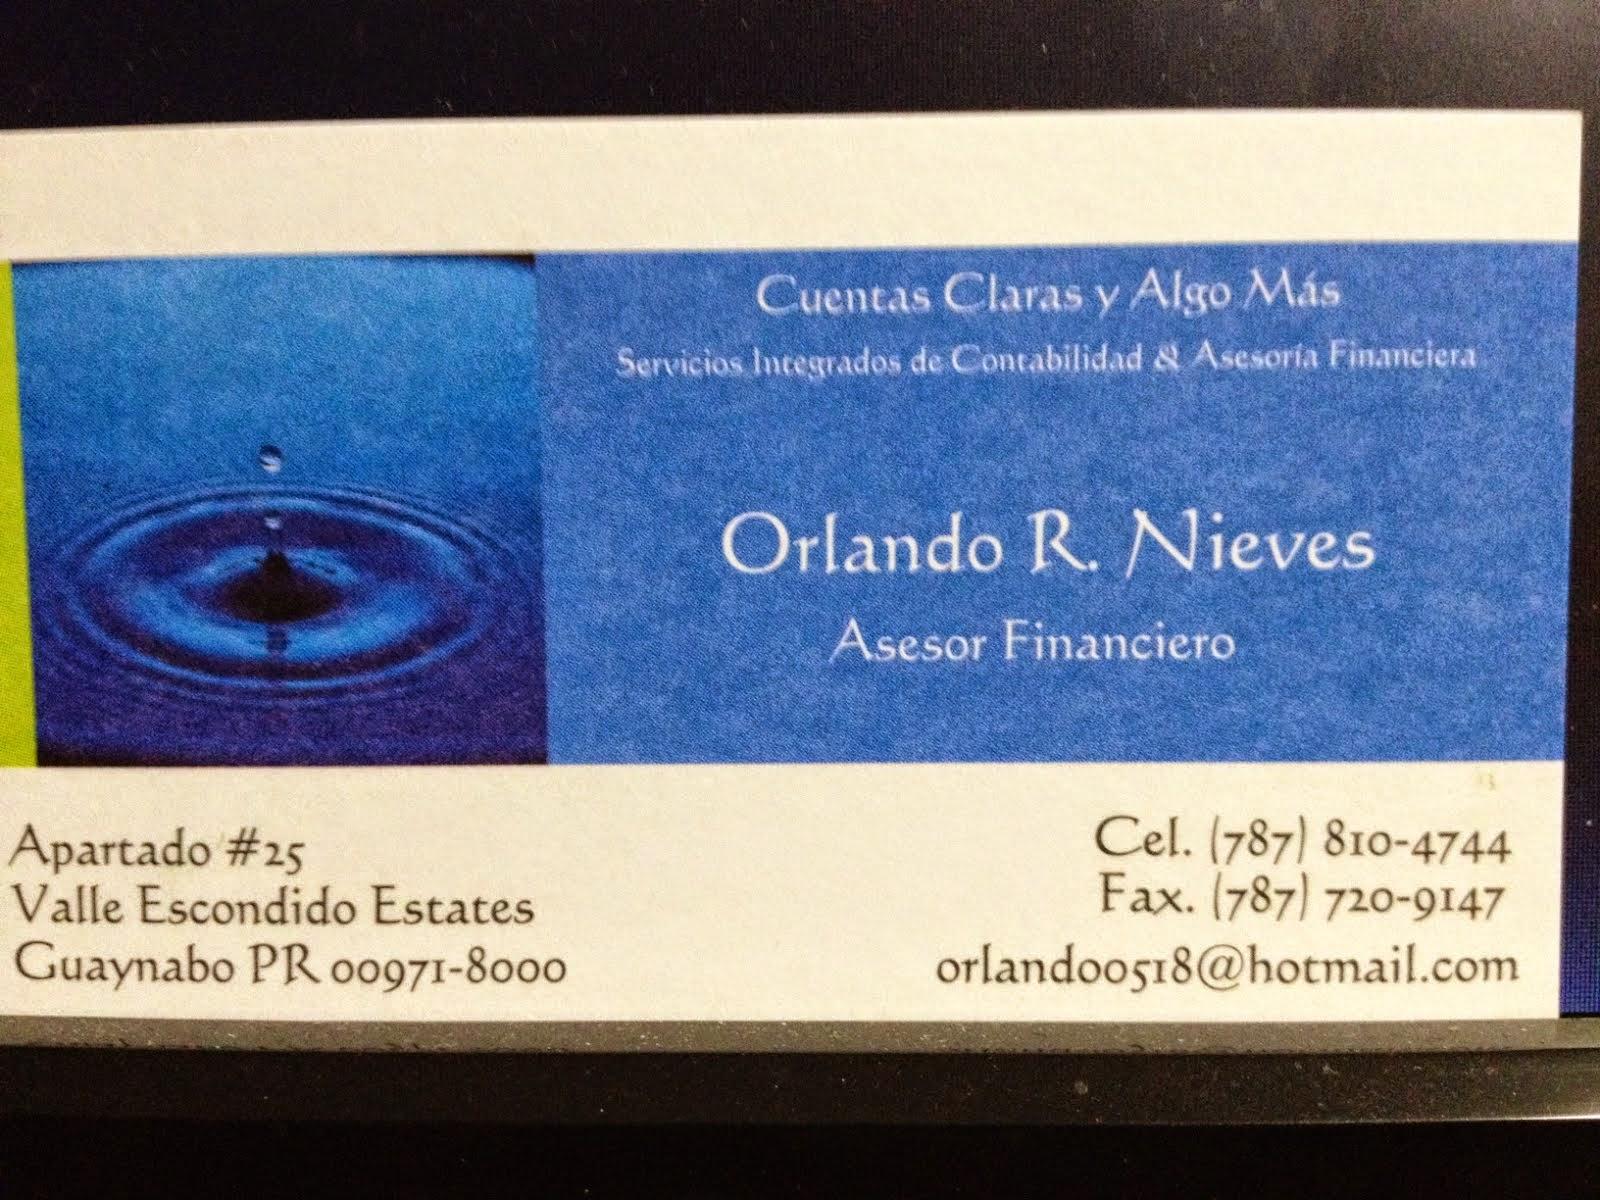 Orlando Nieves/ Asesor Financiero